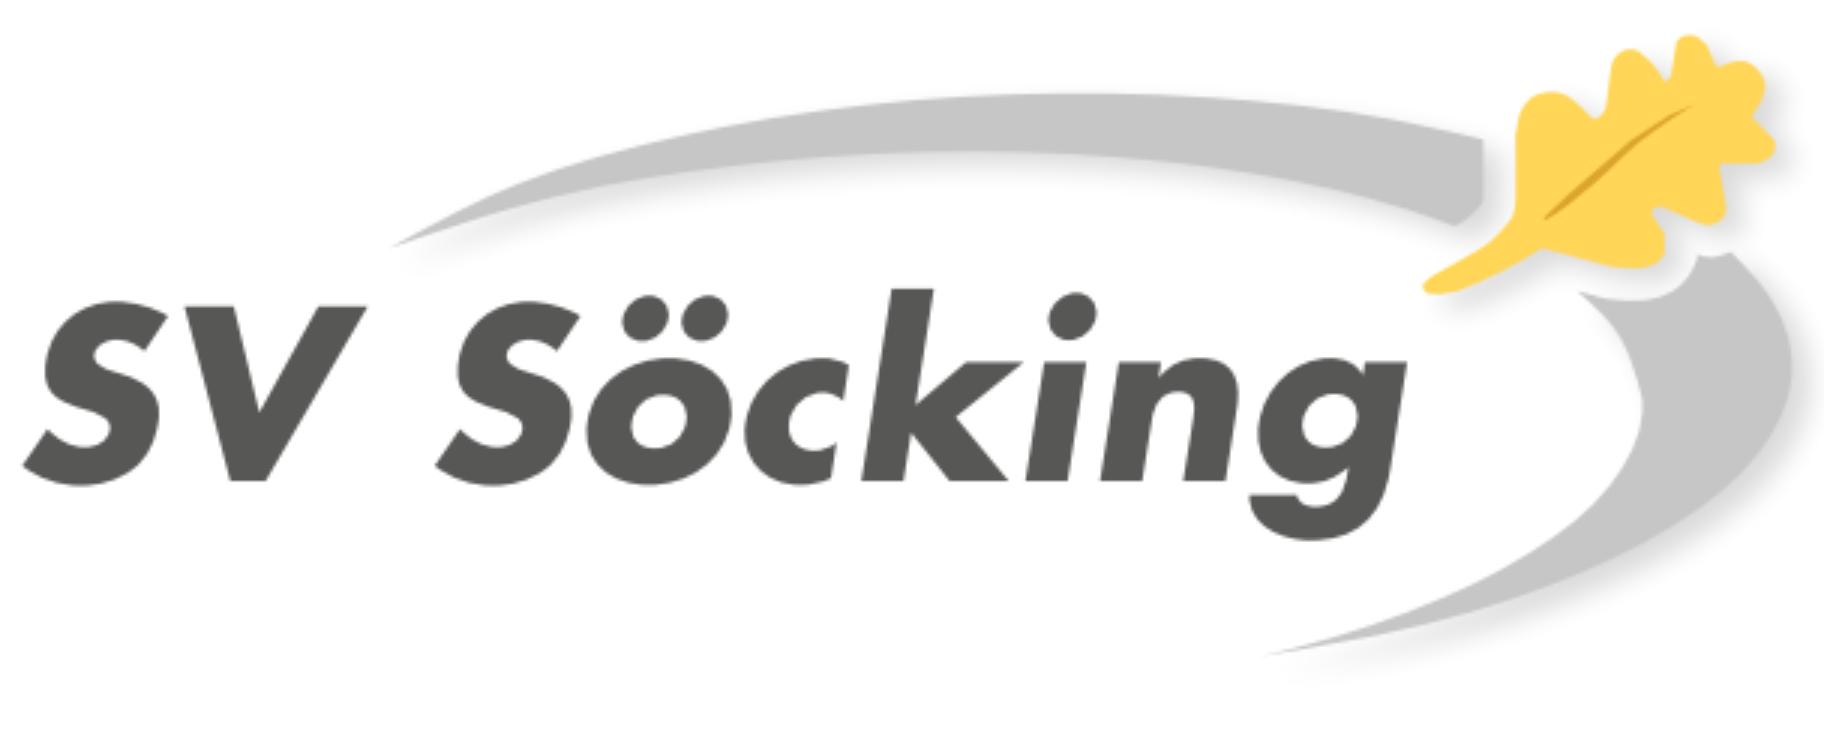 SV Söcking 1943 e.V.